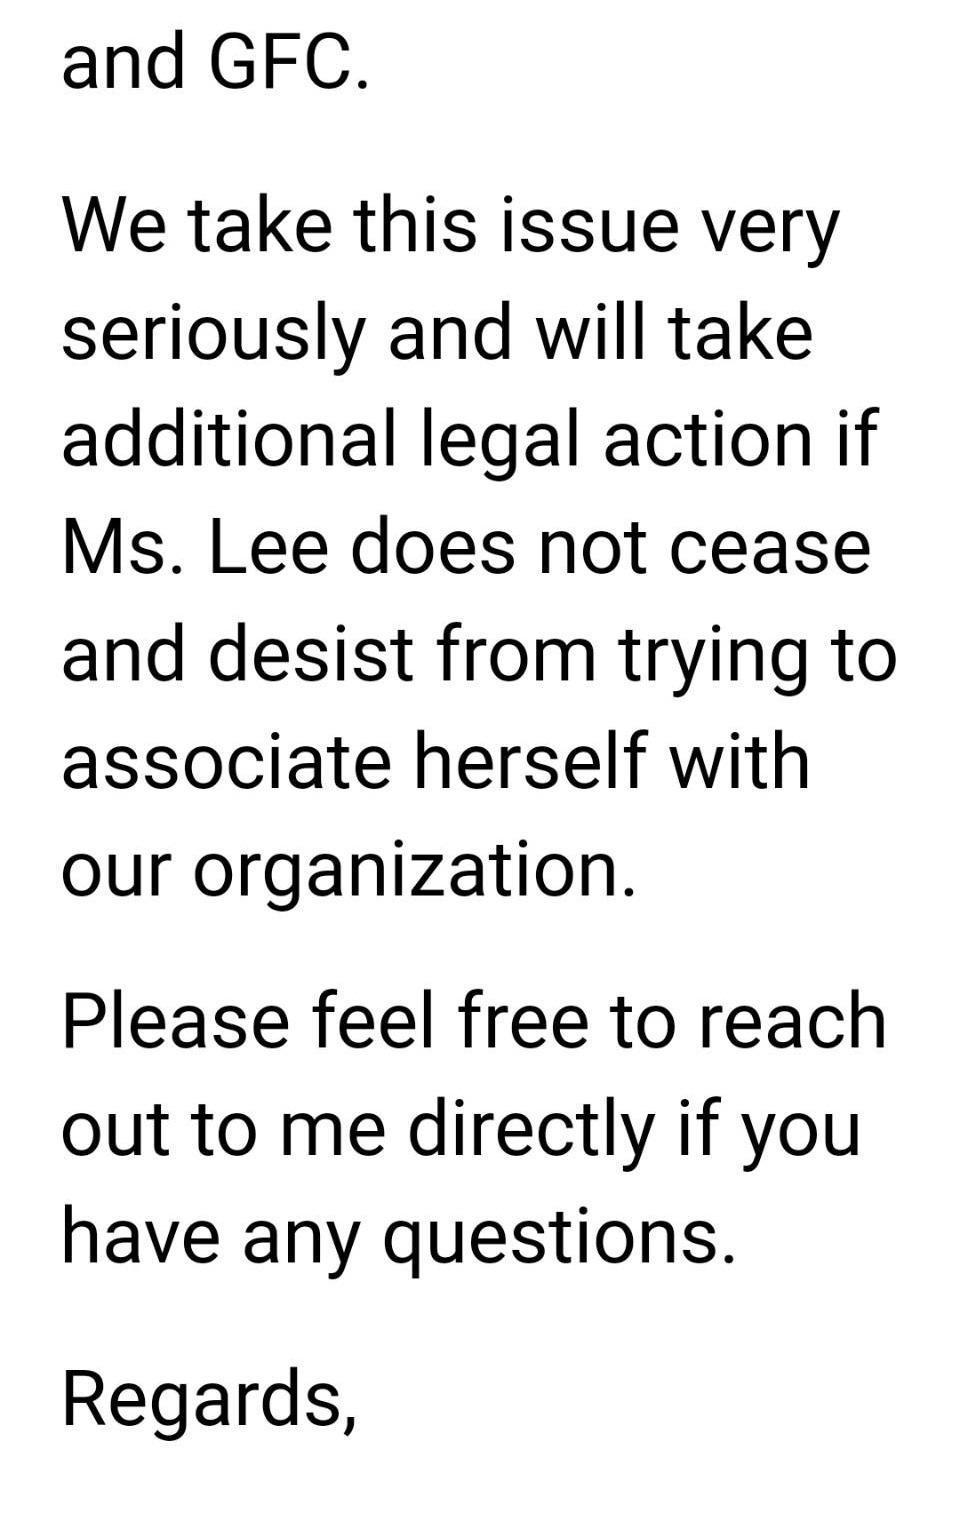 溫哥華時裝週主辦單位發聲明指李敏說謊,並強調不排除採取法律行動。